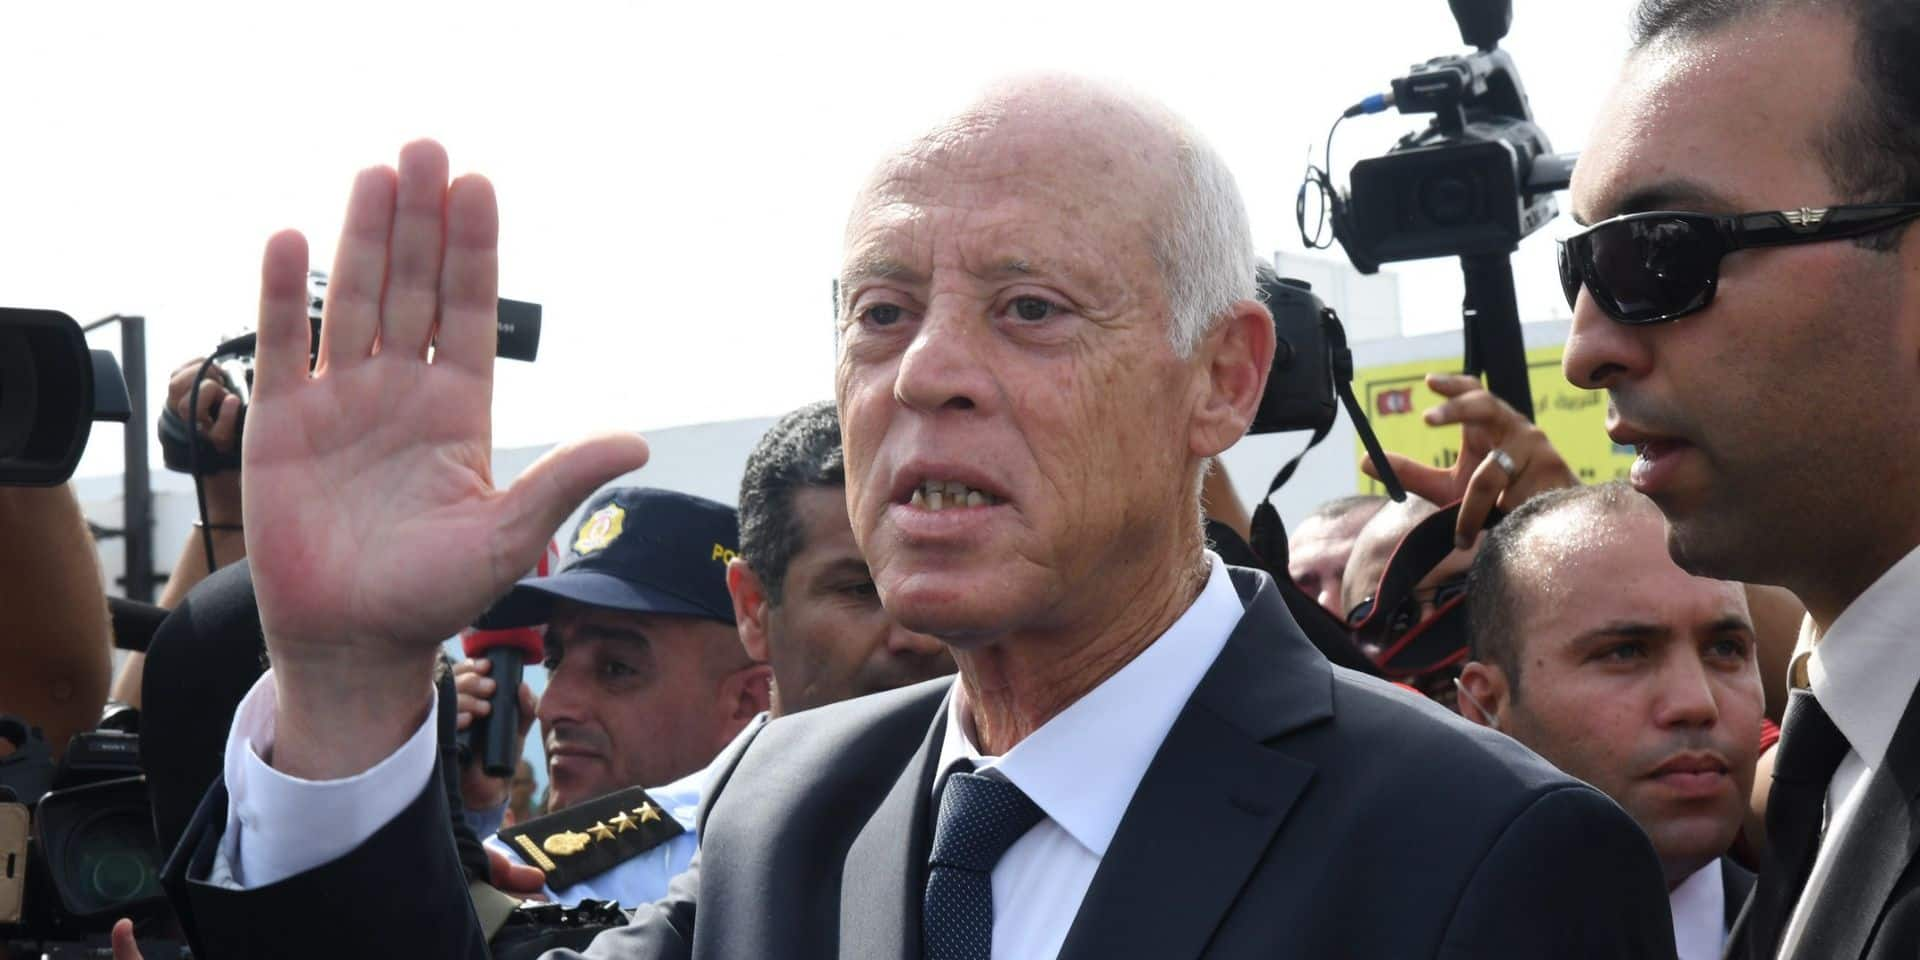 Tunisie: le juriste Kais Saied élu président avec plus de 75% des voix